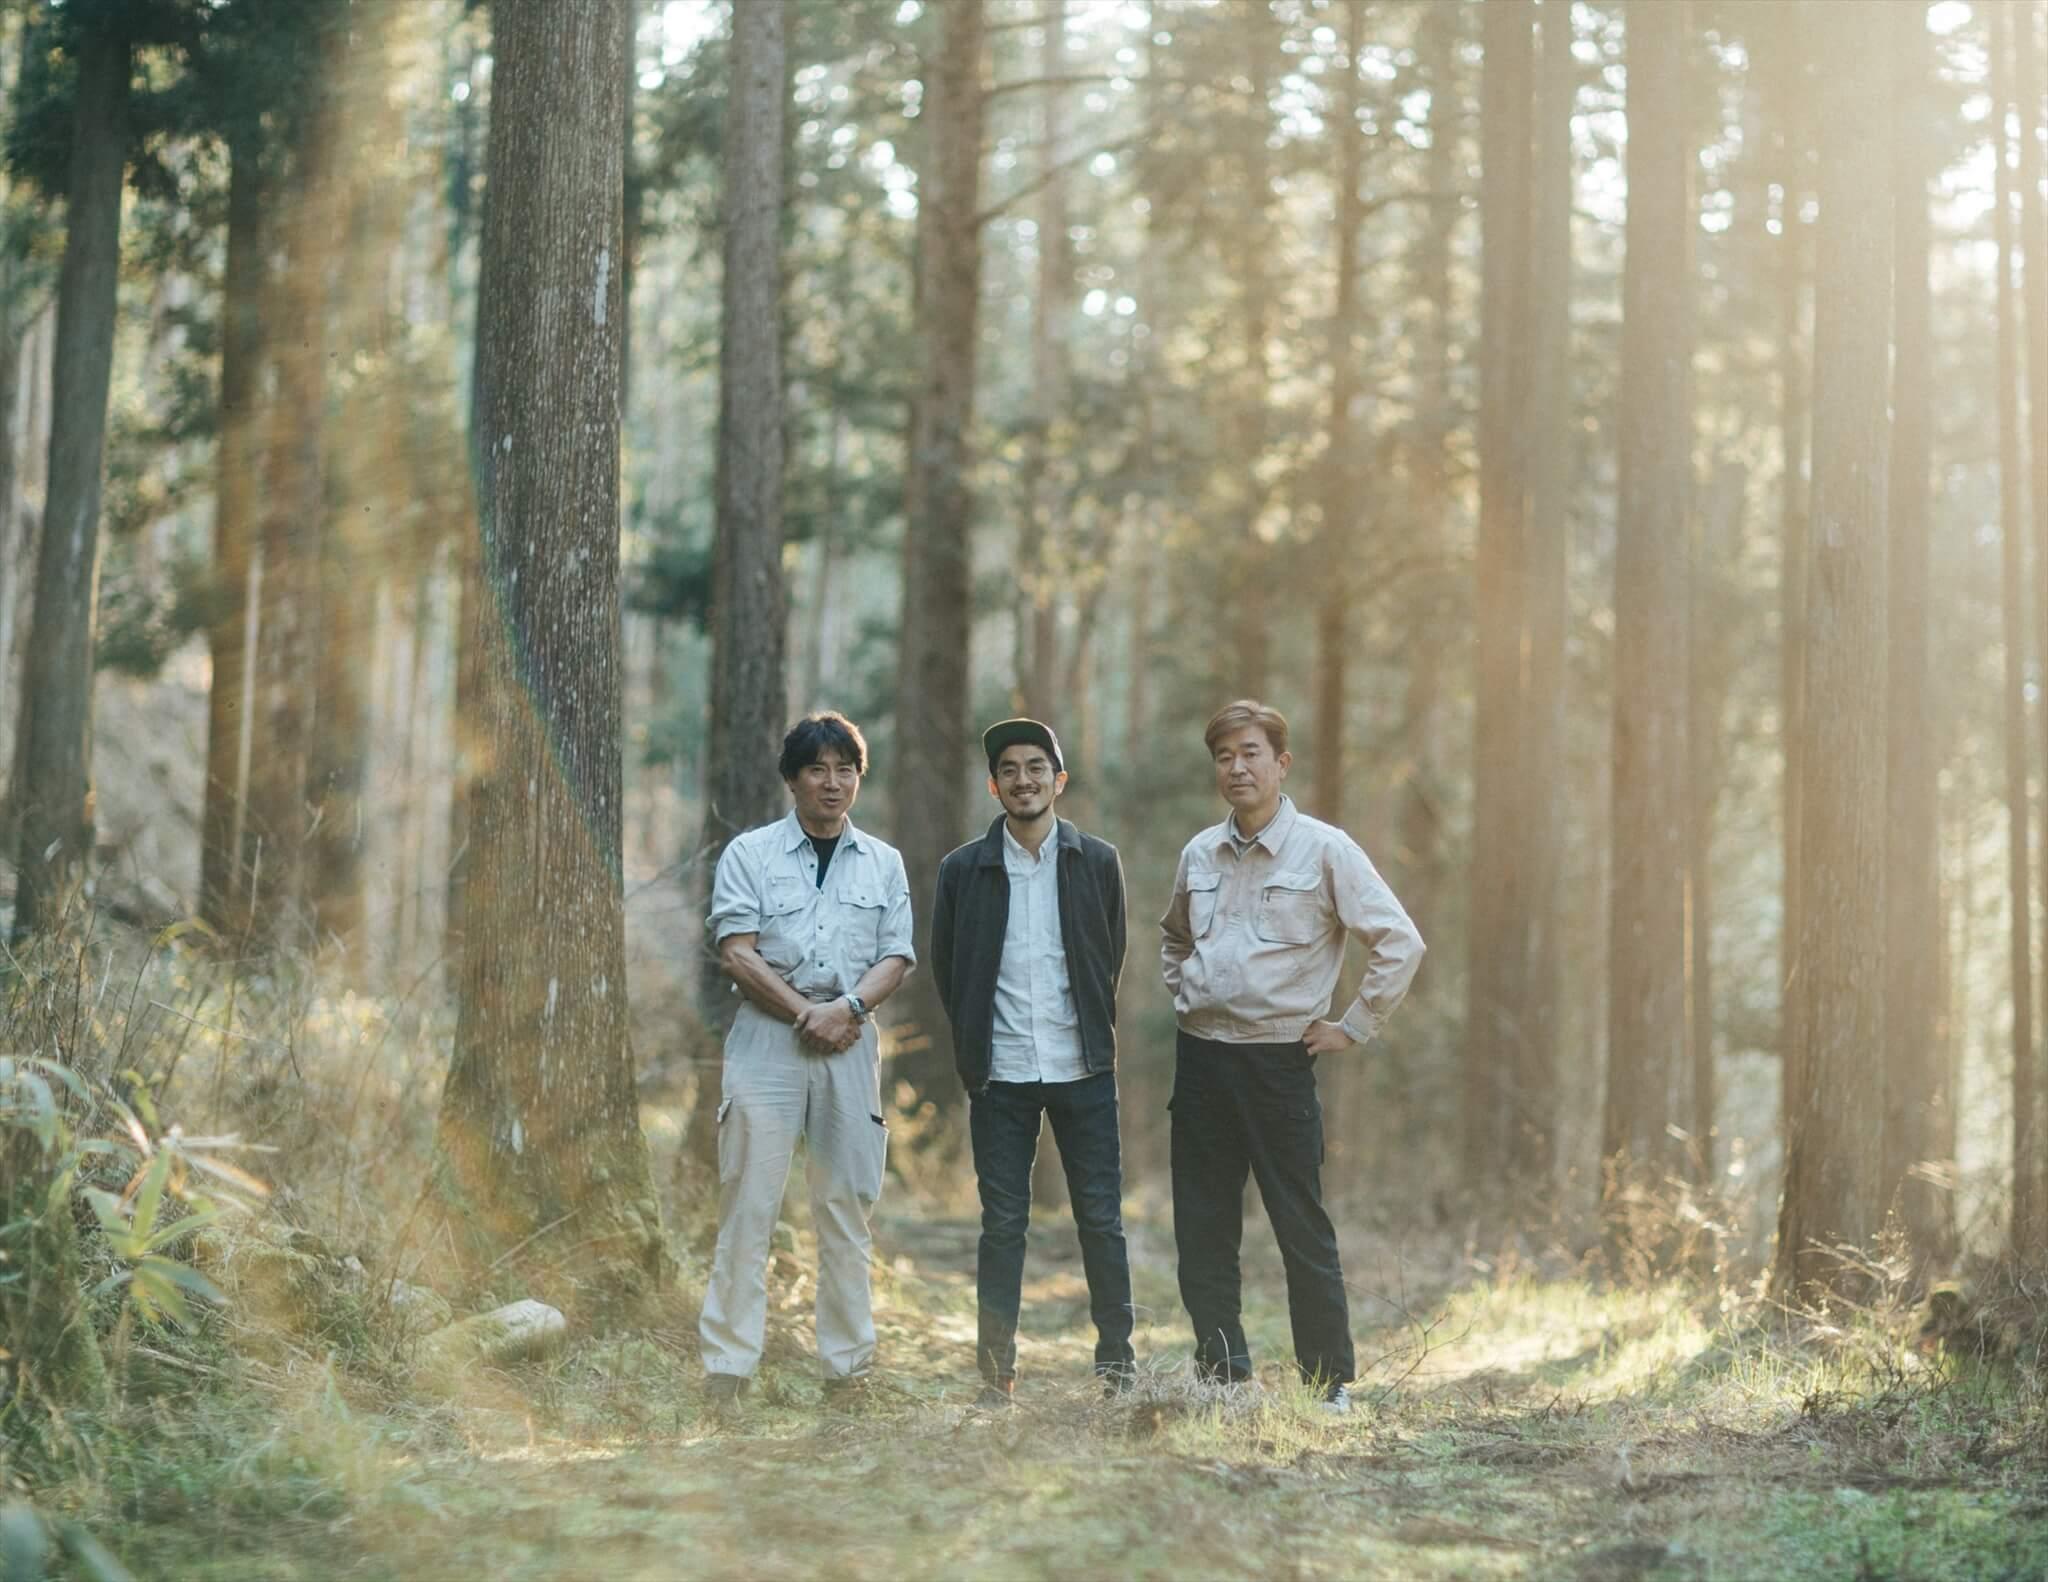 根羽村森林組合に携わる3人。夕陽が差し込む林内にて撮影